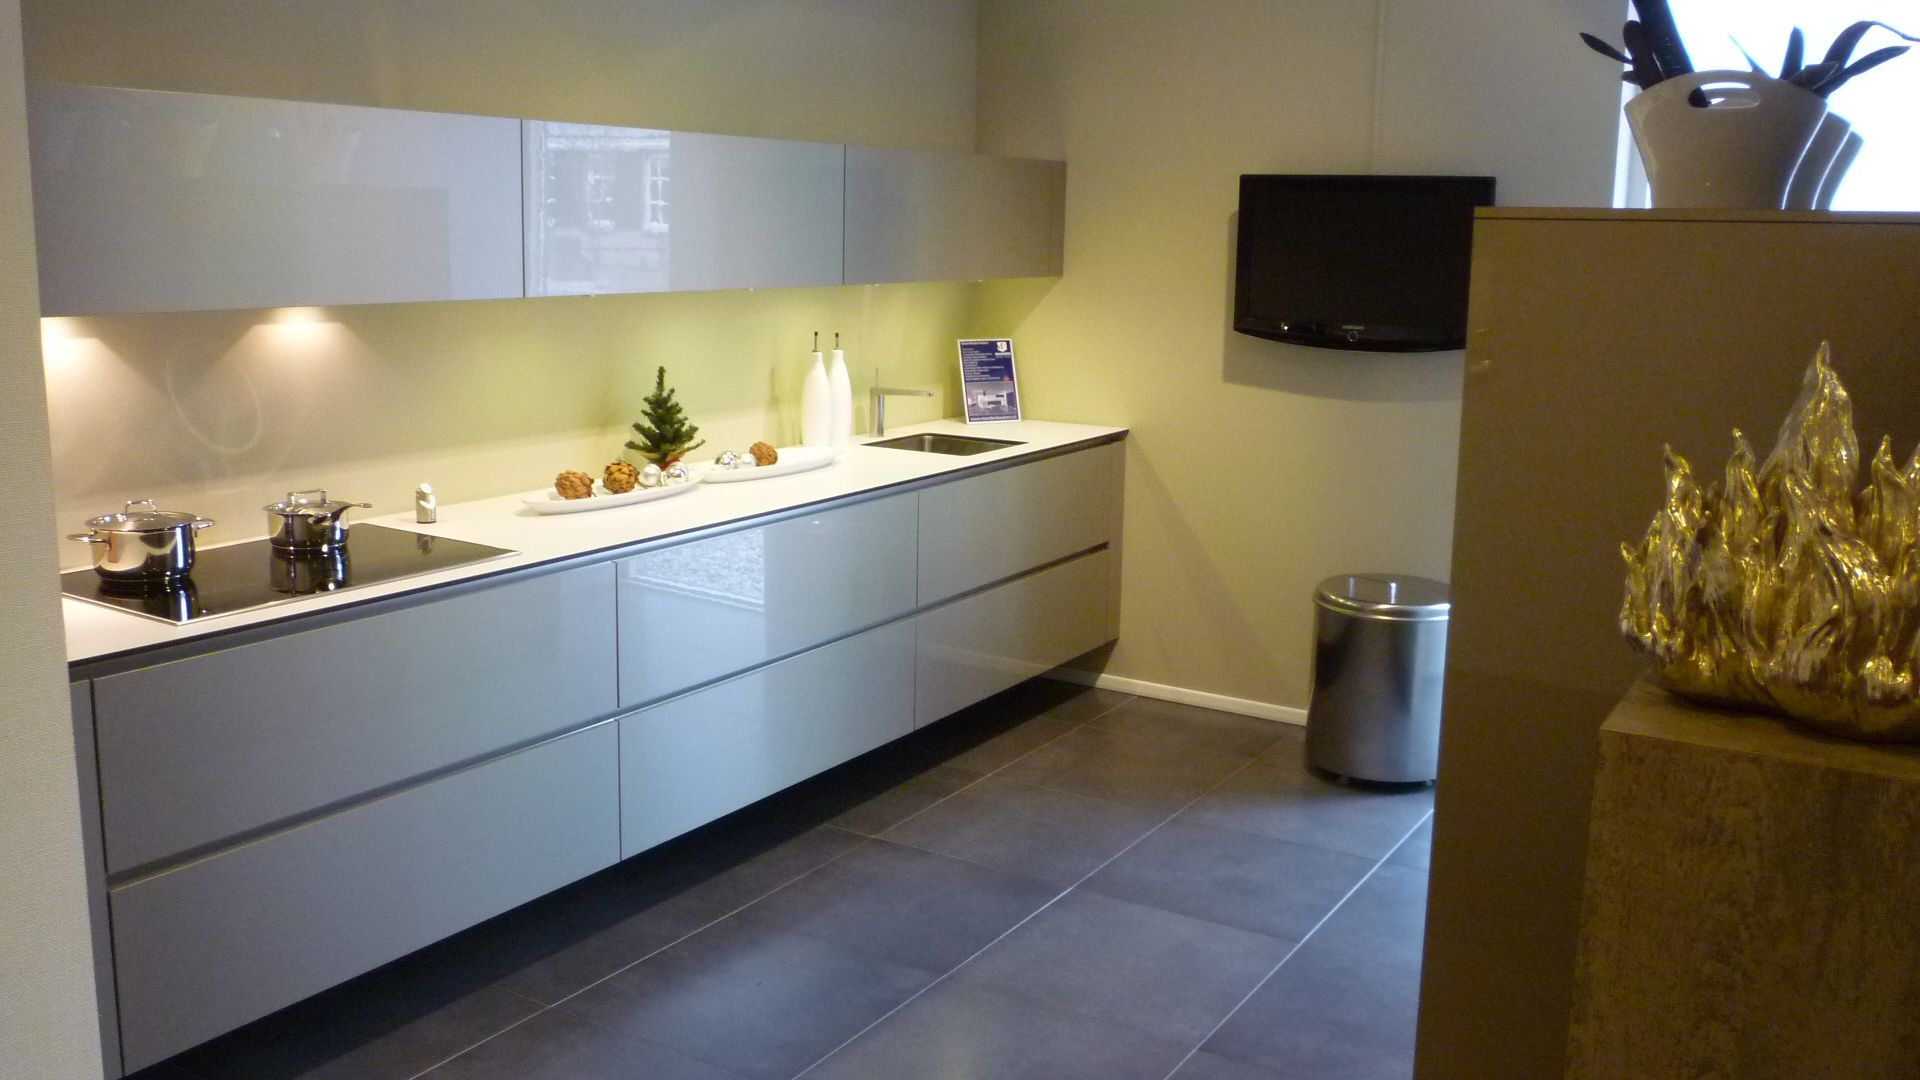 ... keukens voor zeer lage keuken prijzen  champagne hoogglans keuken